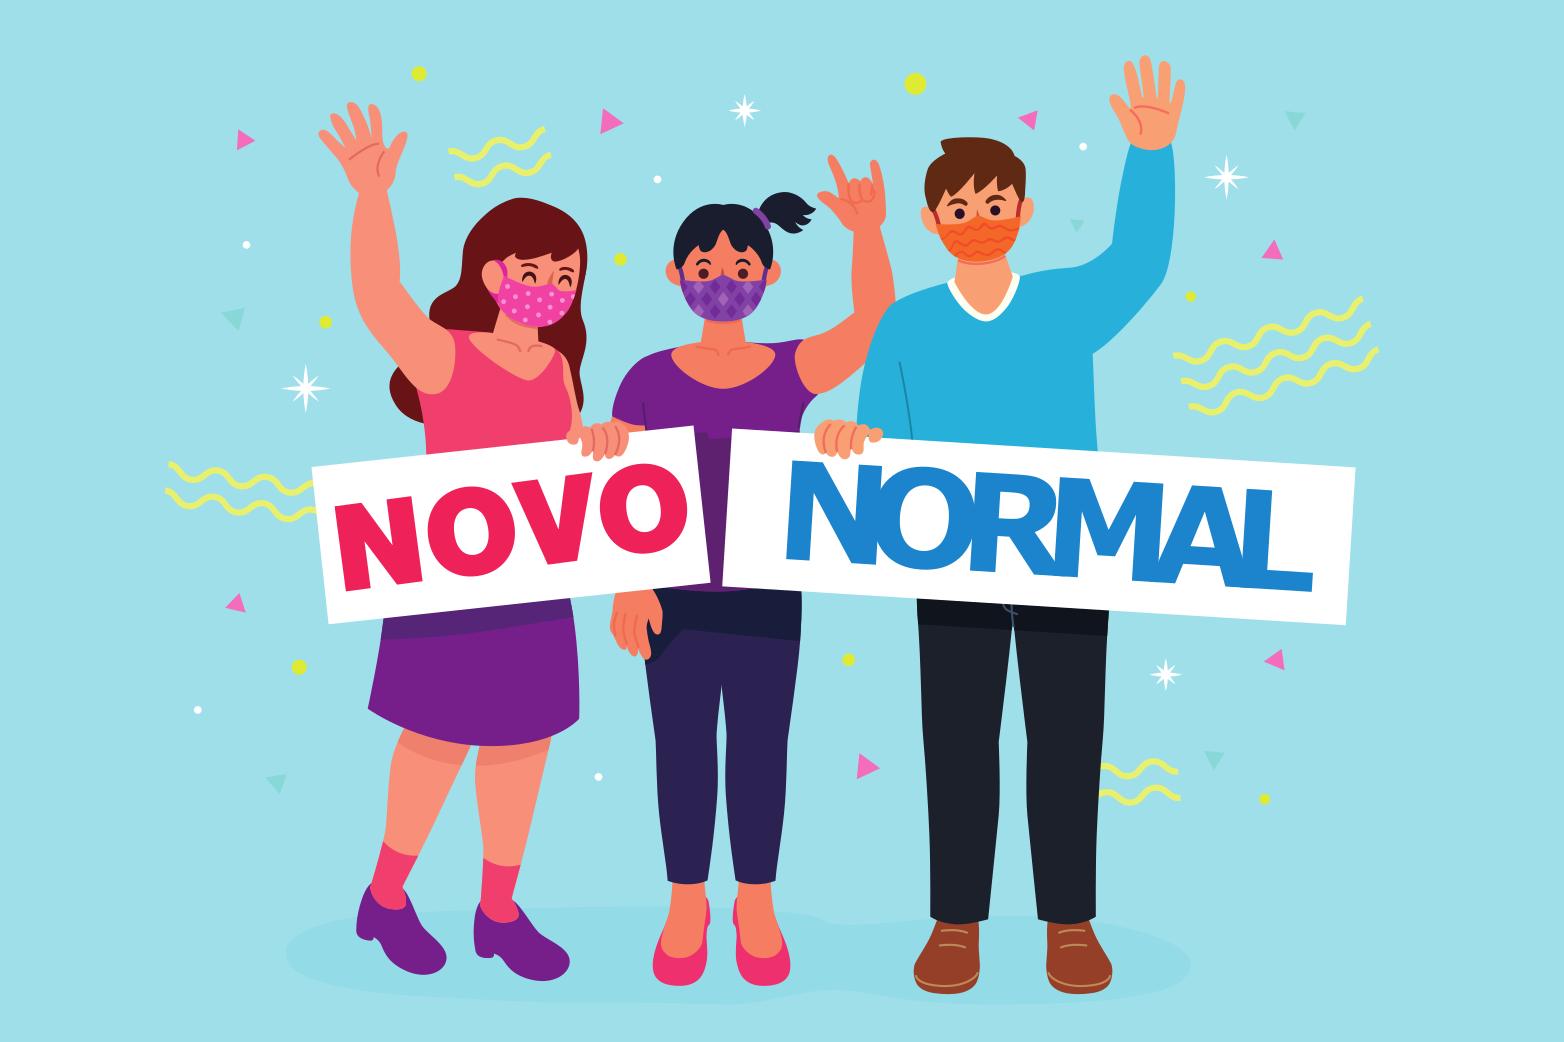 novo-normal